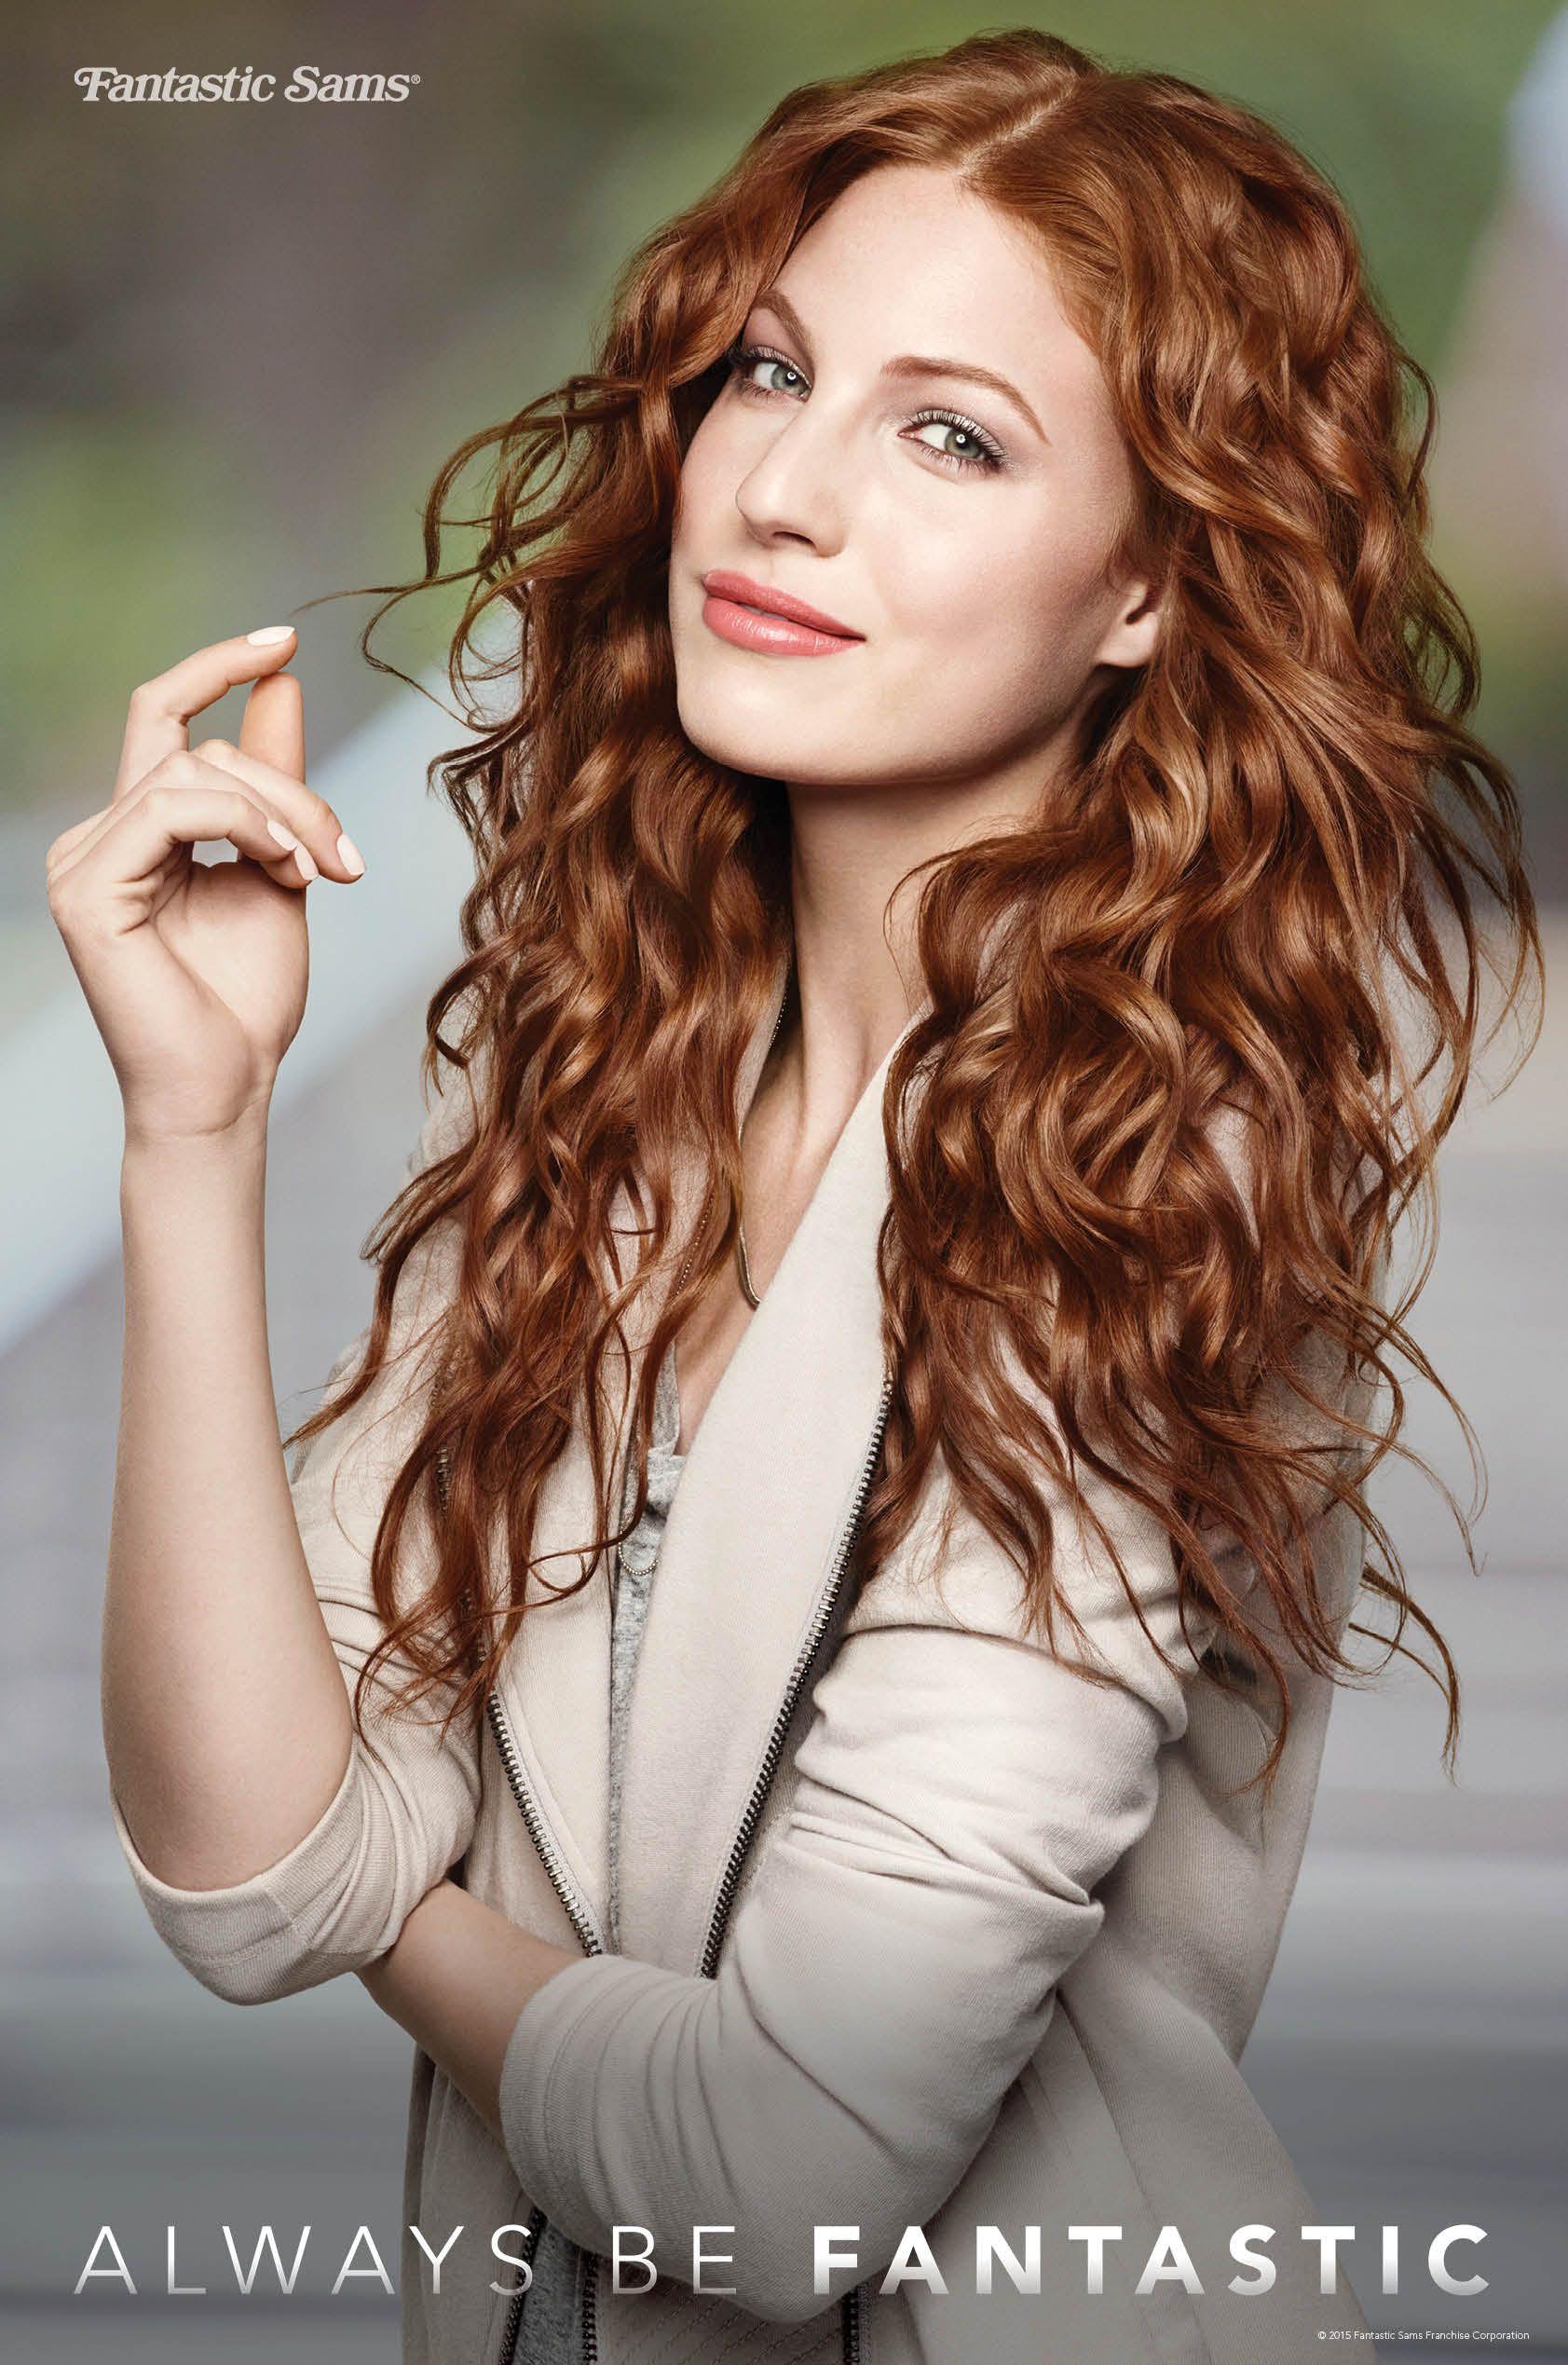 Womensstyles Womenshair Redhead Waves Longhair Fantasicsams Alwaysbefantastic Hair Styles Clip In Hair Extensions Hair